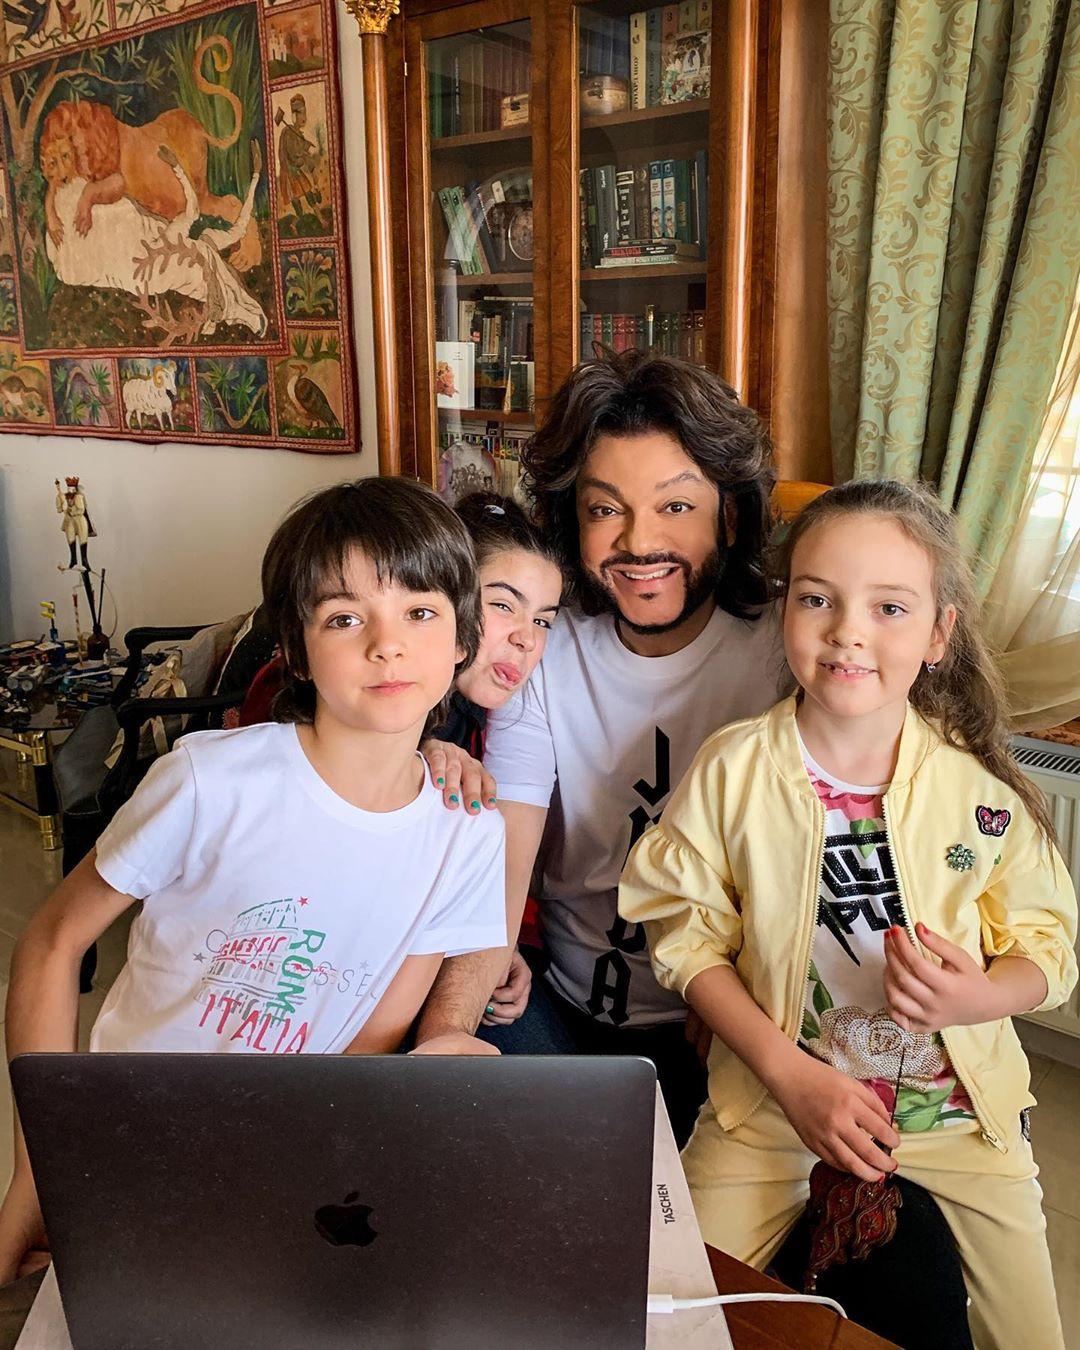 Филипп Киркоров показал фото со своими детьми и дочкой Ани Лорак